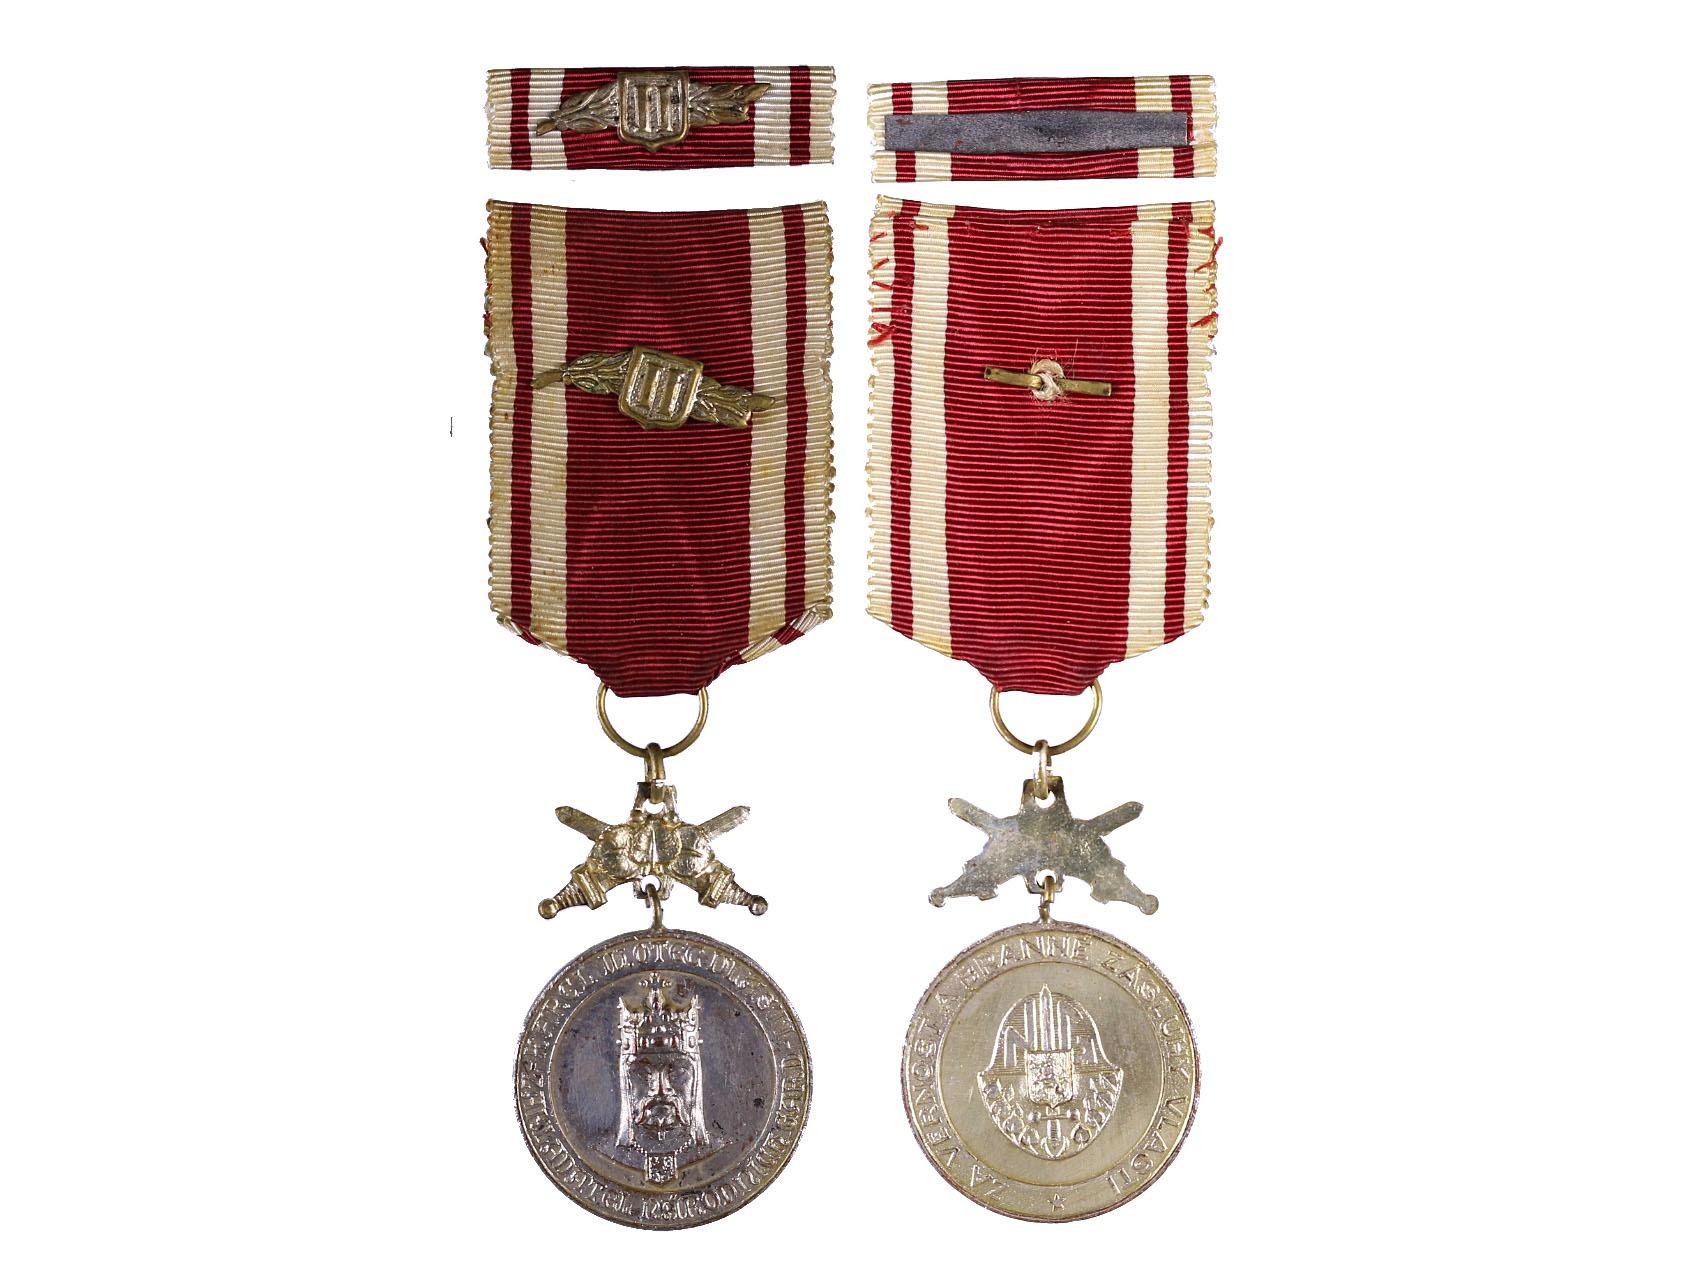 Stříbrná medaile DOK, Za věrnost a branné zásluhy, k tomu ministužka, N99A2a